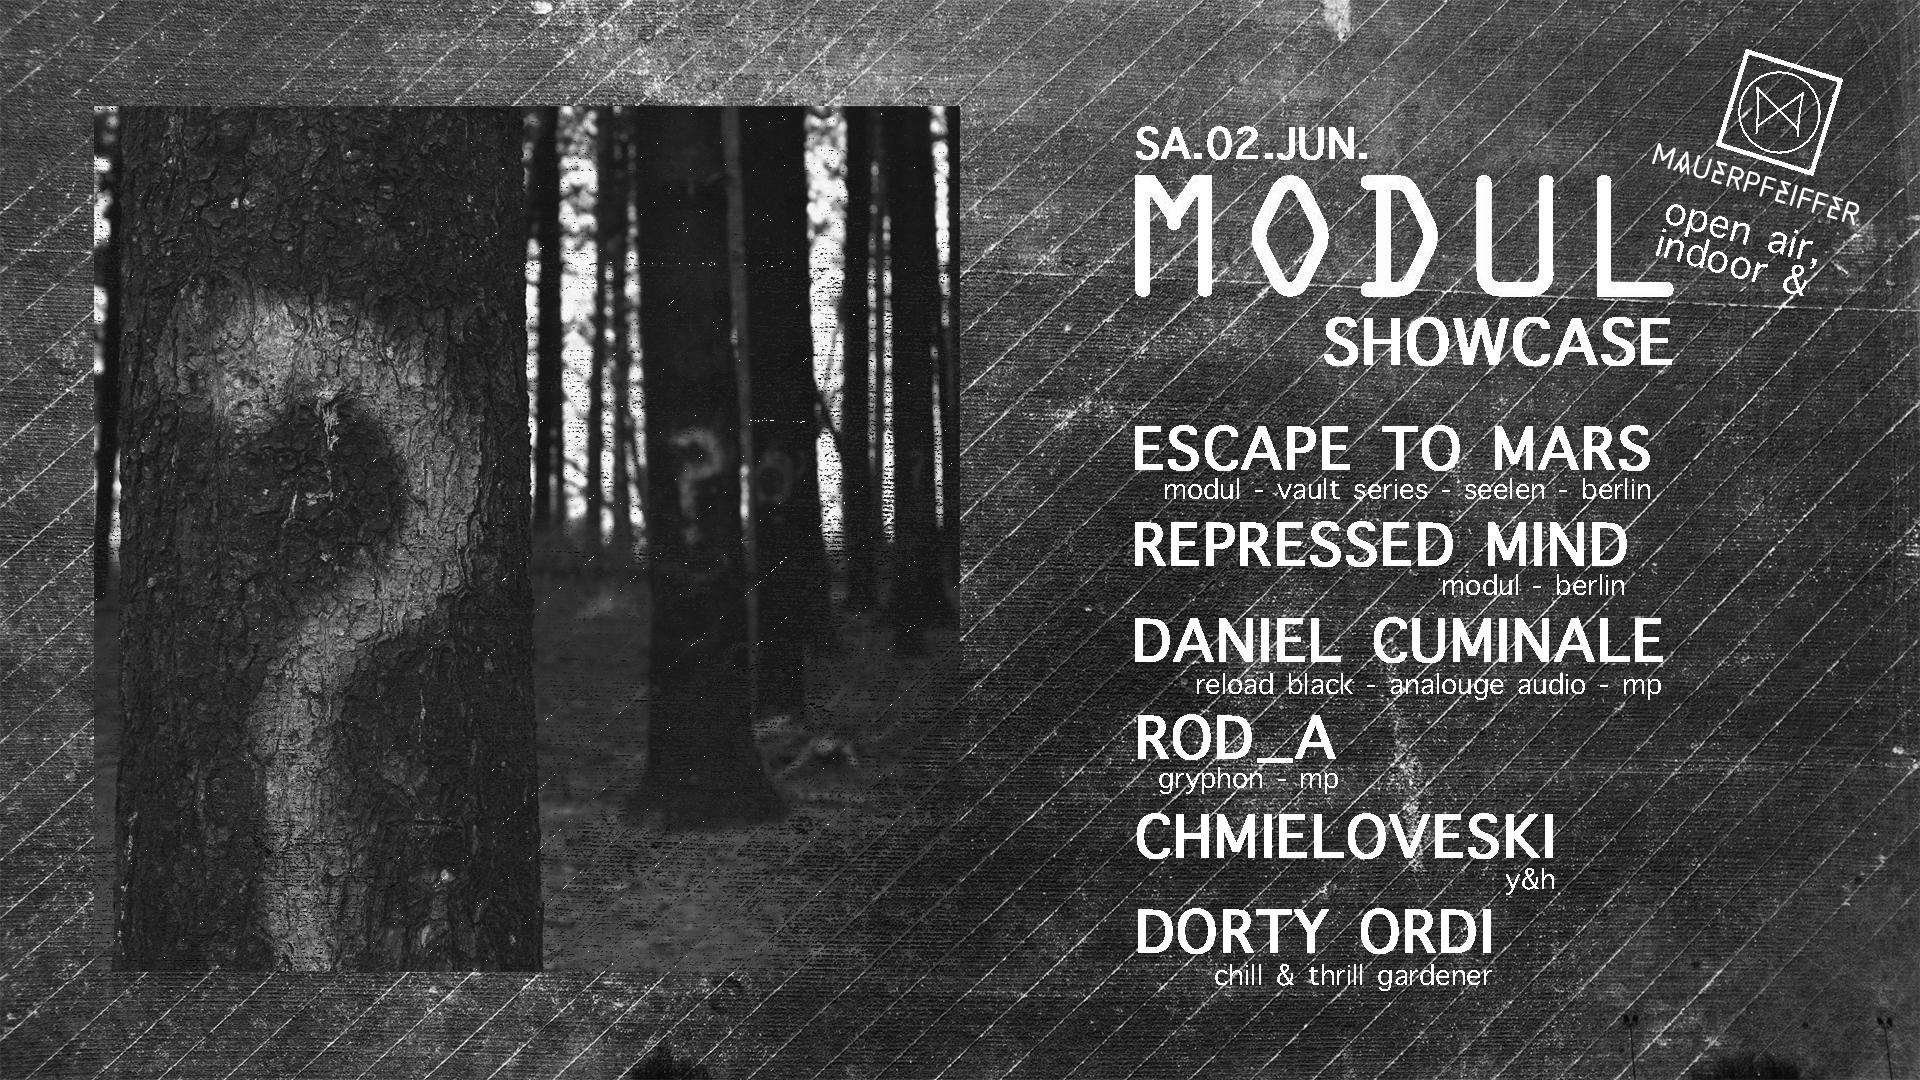 MODUL Showcase (open air & drinne)